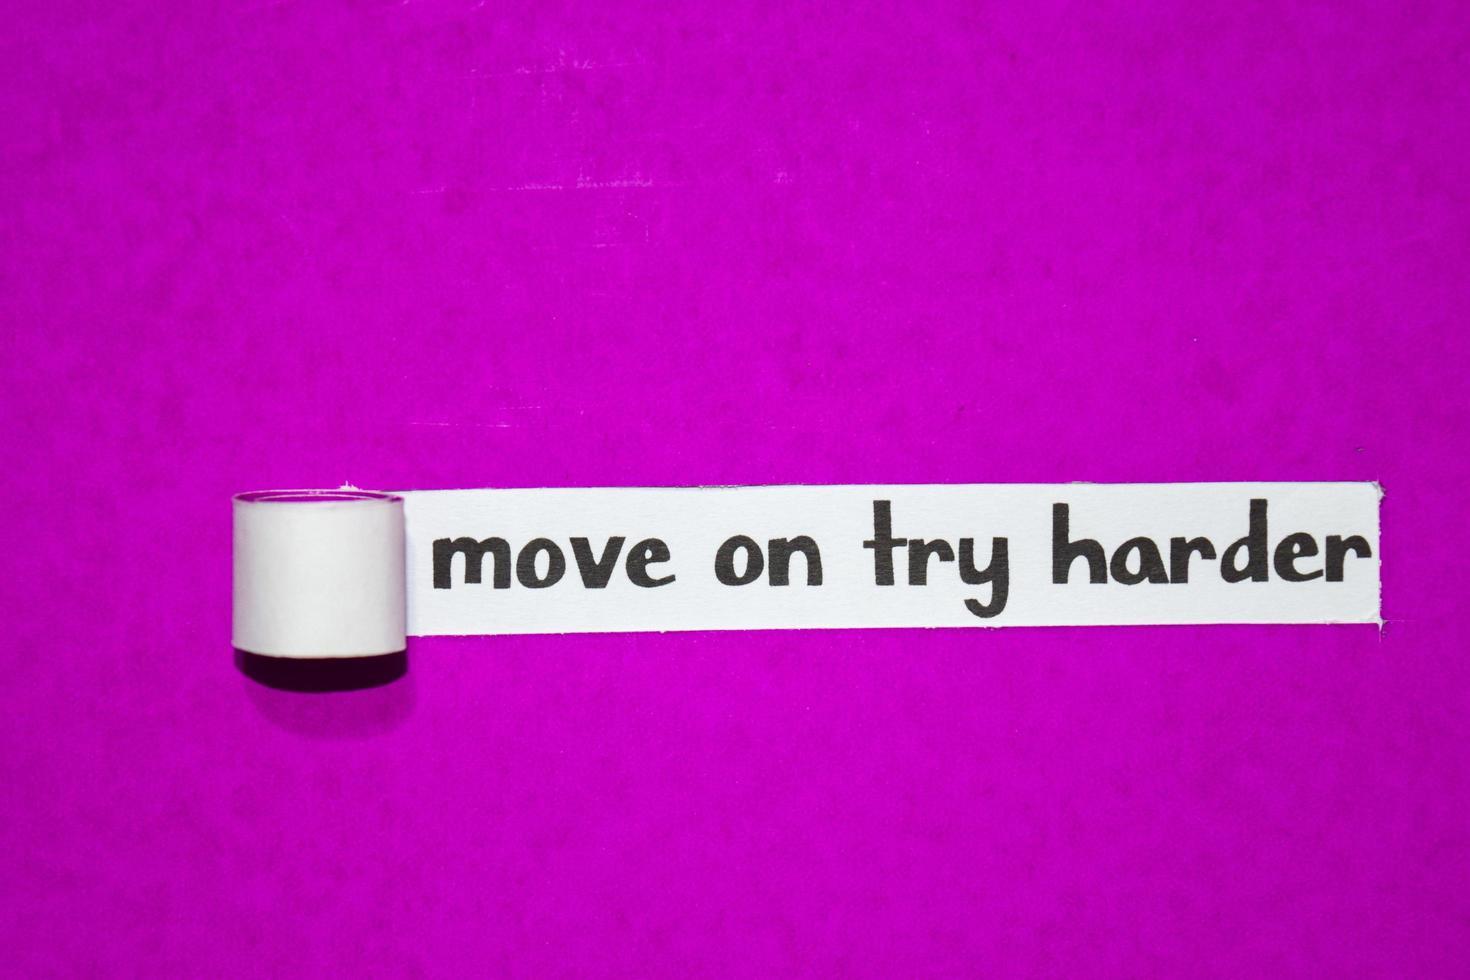 ga verder, probeer harder tekst, inspiratie, motivatie en bedrijfsconcept op paars gescheurd papier foto